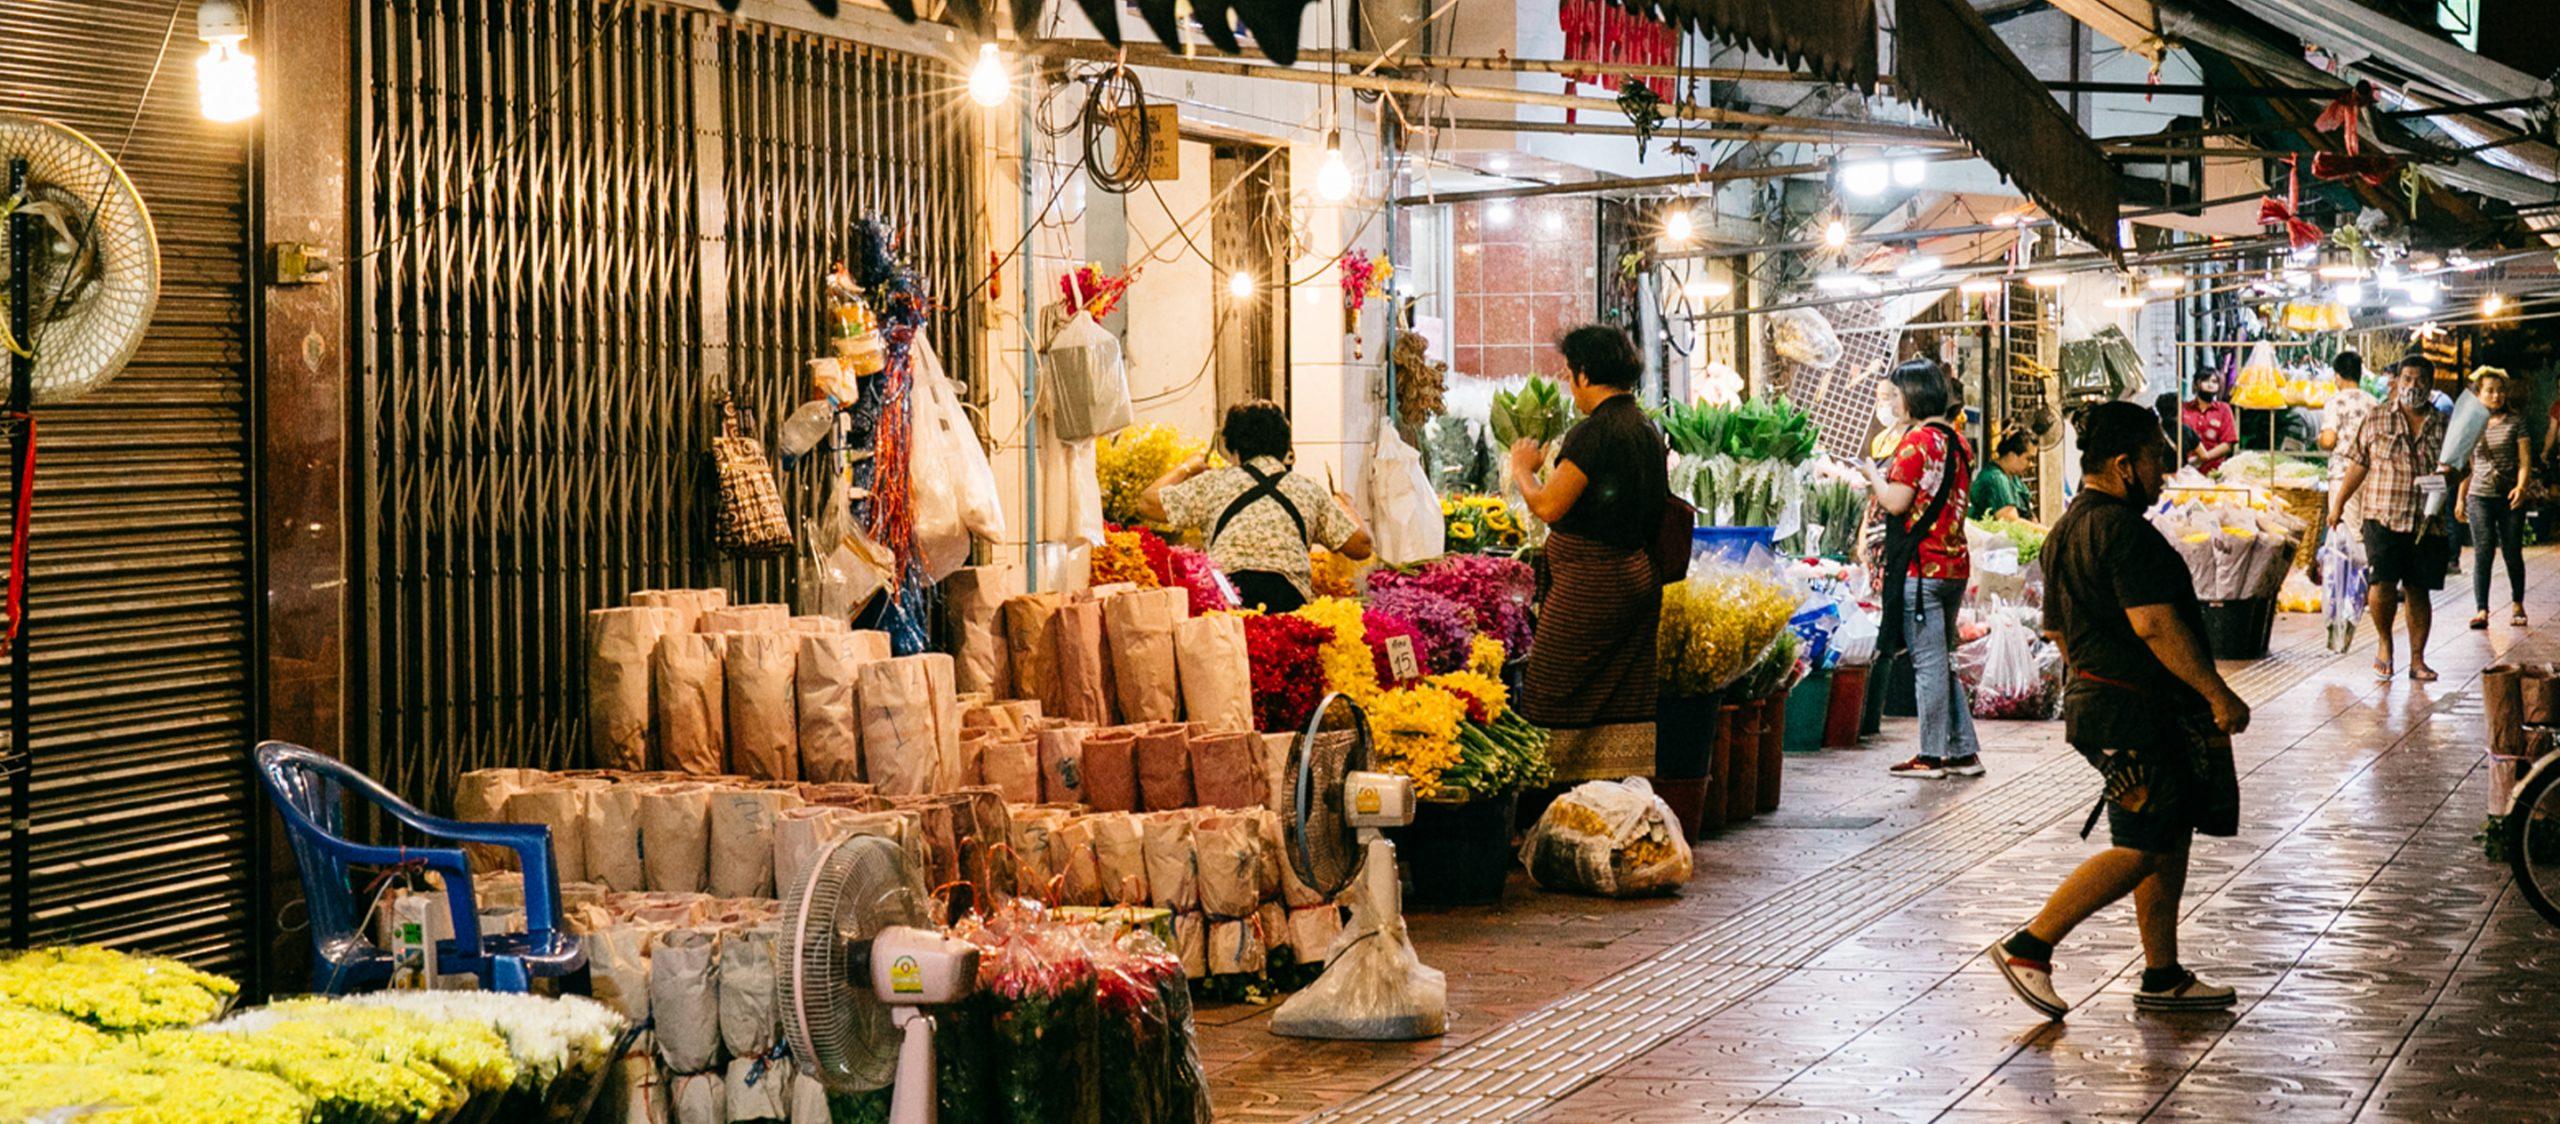 Humans of Flower Market โปรเจกต์คึกคักของนักออกแบบที่อยากฟื้นปากคลองตลาดให้ครึกครื้น